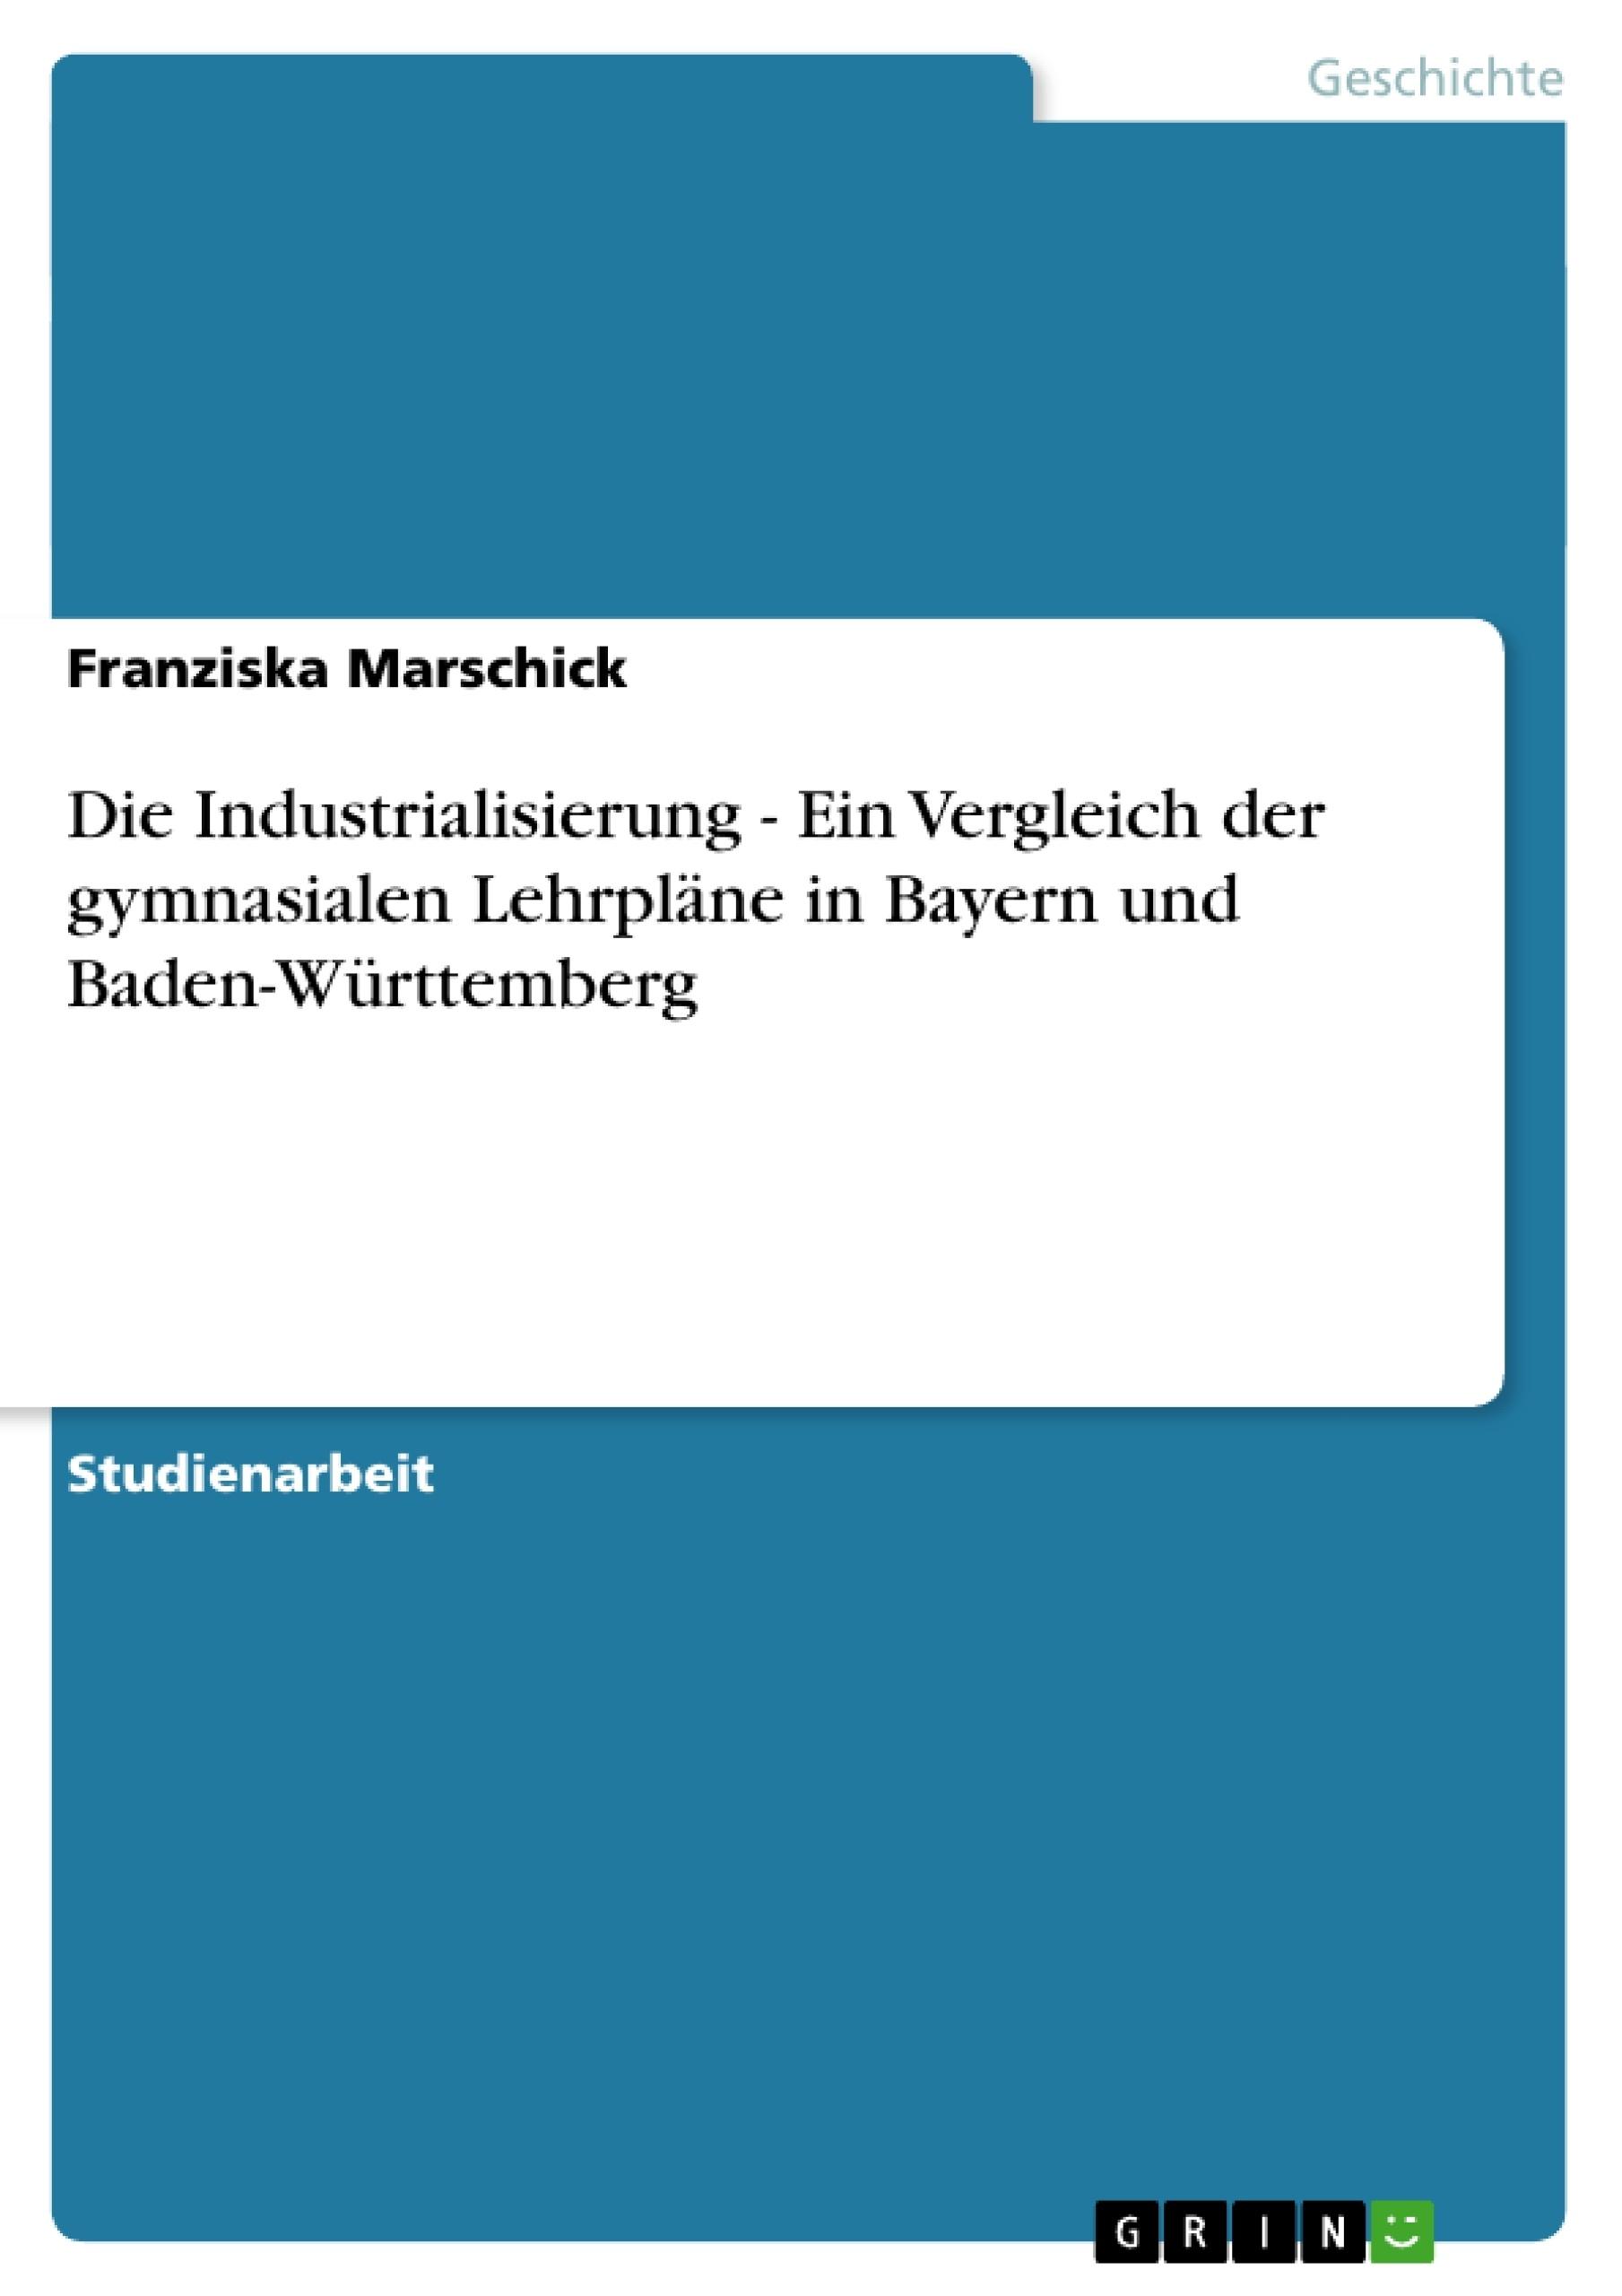 Titel: Die Industrialisierung - Ein Vergleich der gymnasialen Lehrpläne in Bayern und Baden-Württemberg